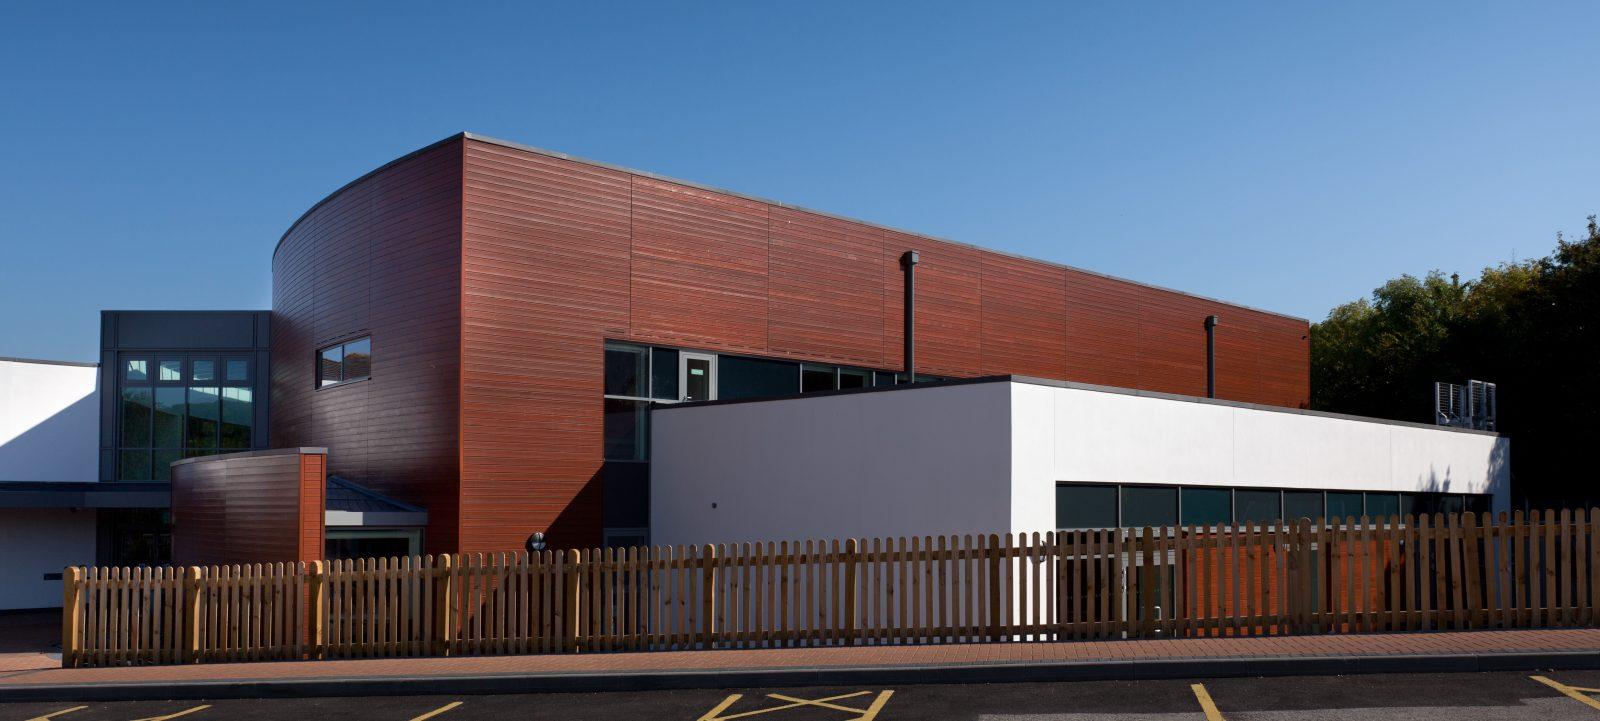 King's Community Church Auditorium Full Duties Detailed Design